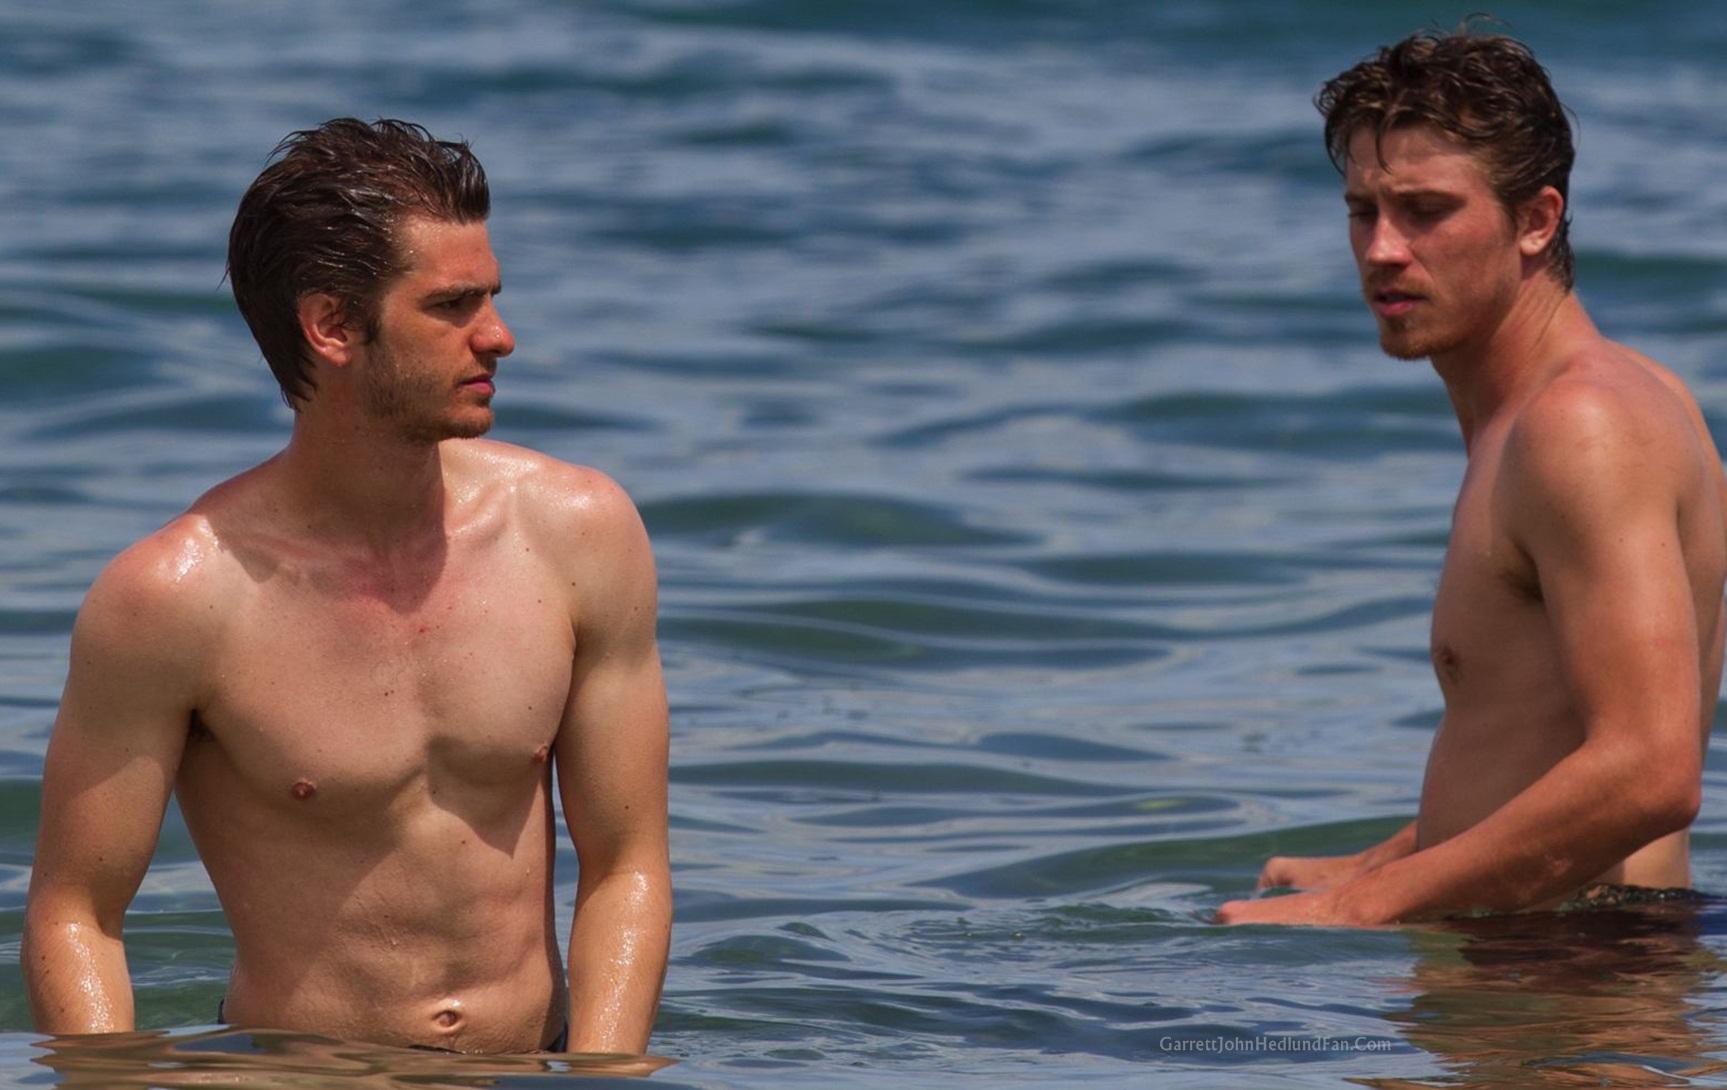 Garrett and Andrew on the beach